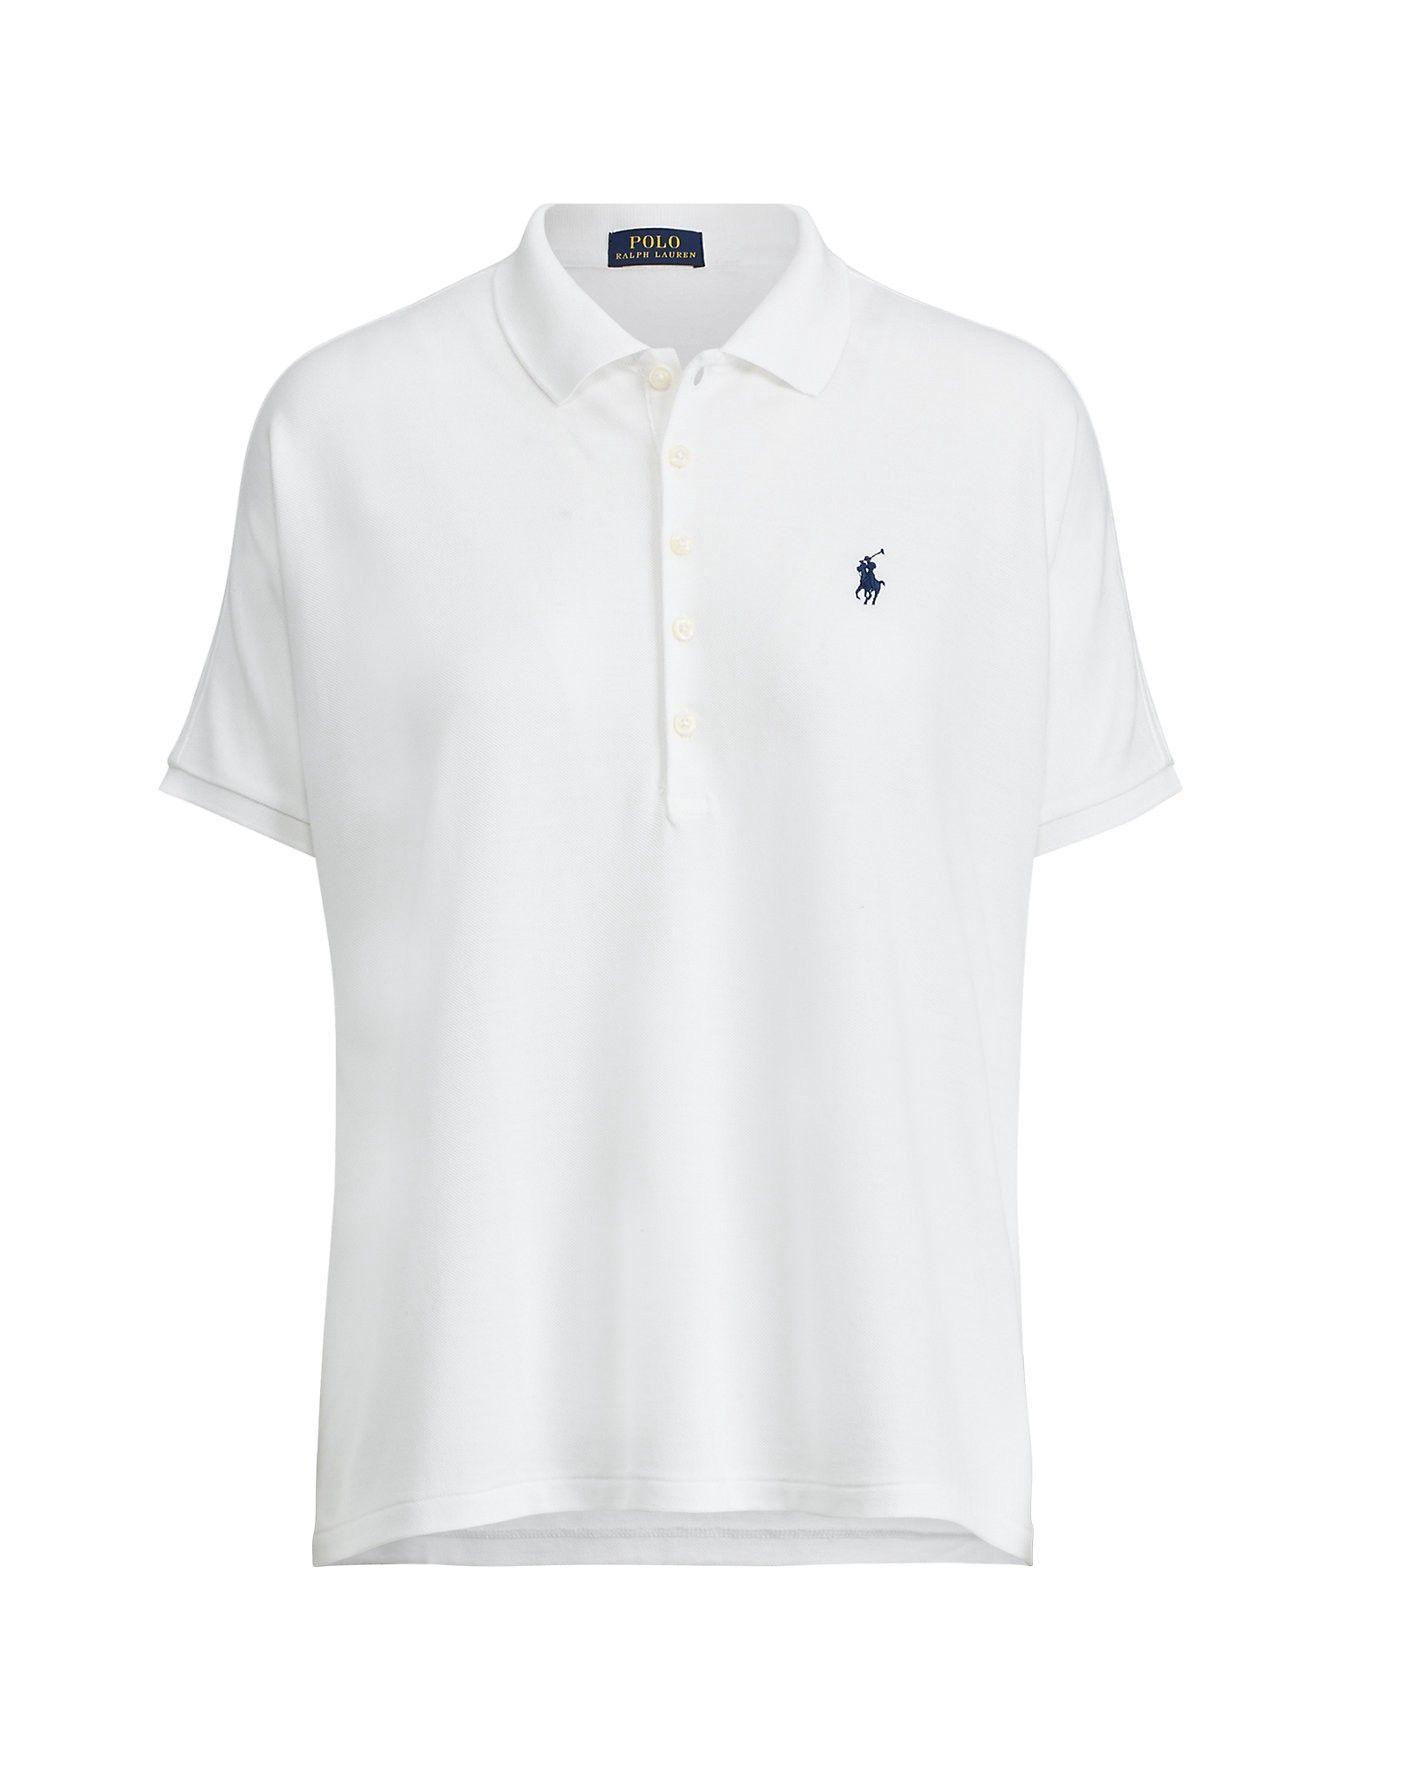 7964e0e759 RALPH LAUREN Polo Ralph Lauren Poncho Mesh Polo Shirt. #ralphlauren ...